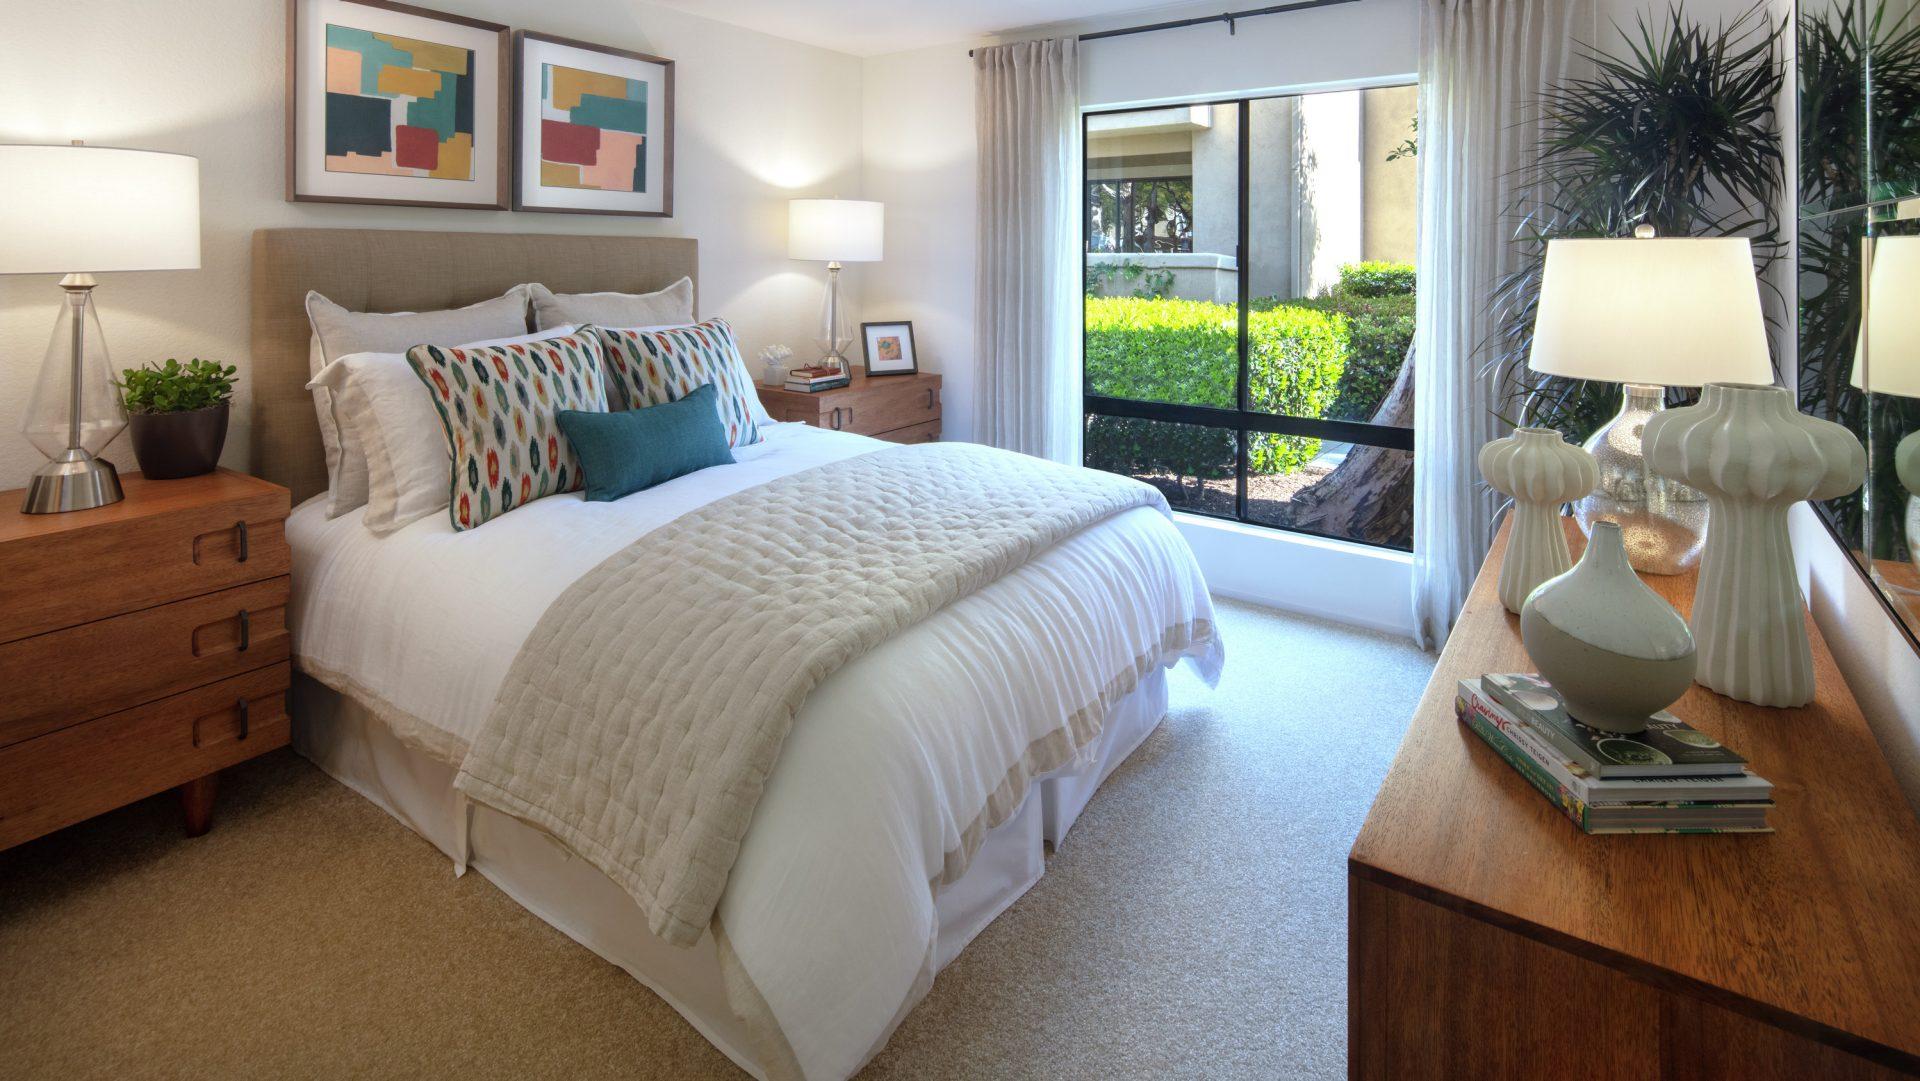 Northwood apartments in irvine 1 3 bedroom studios - 1 bedroom apartments in orange county ...